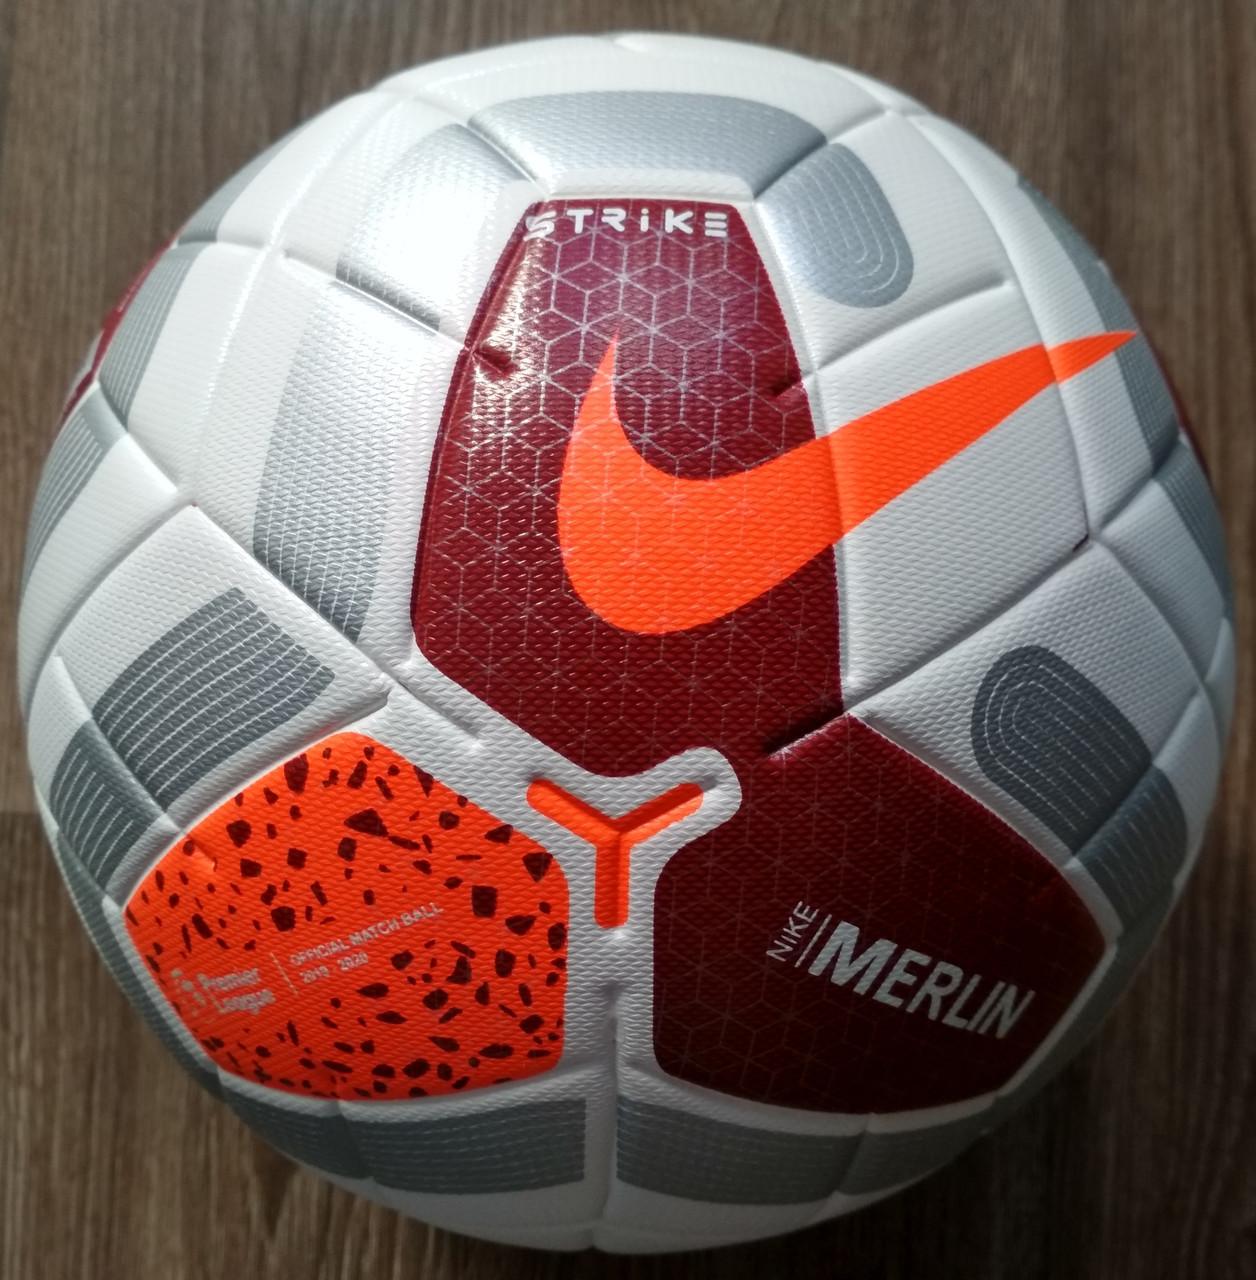 Мяч футбольный (бело-красный) Premier League сезон 2019-2020